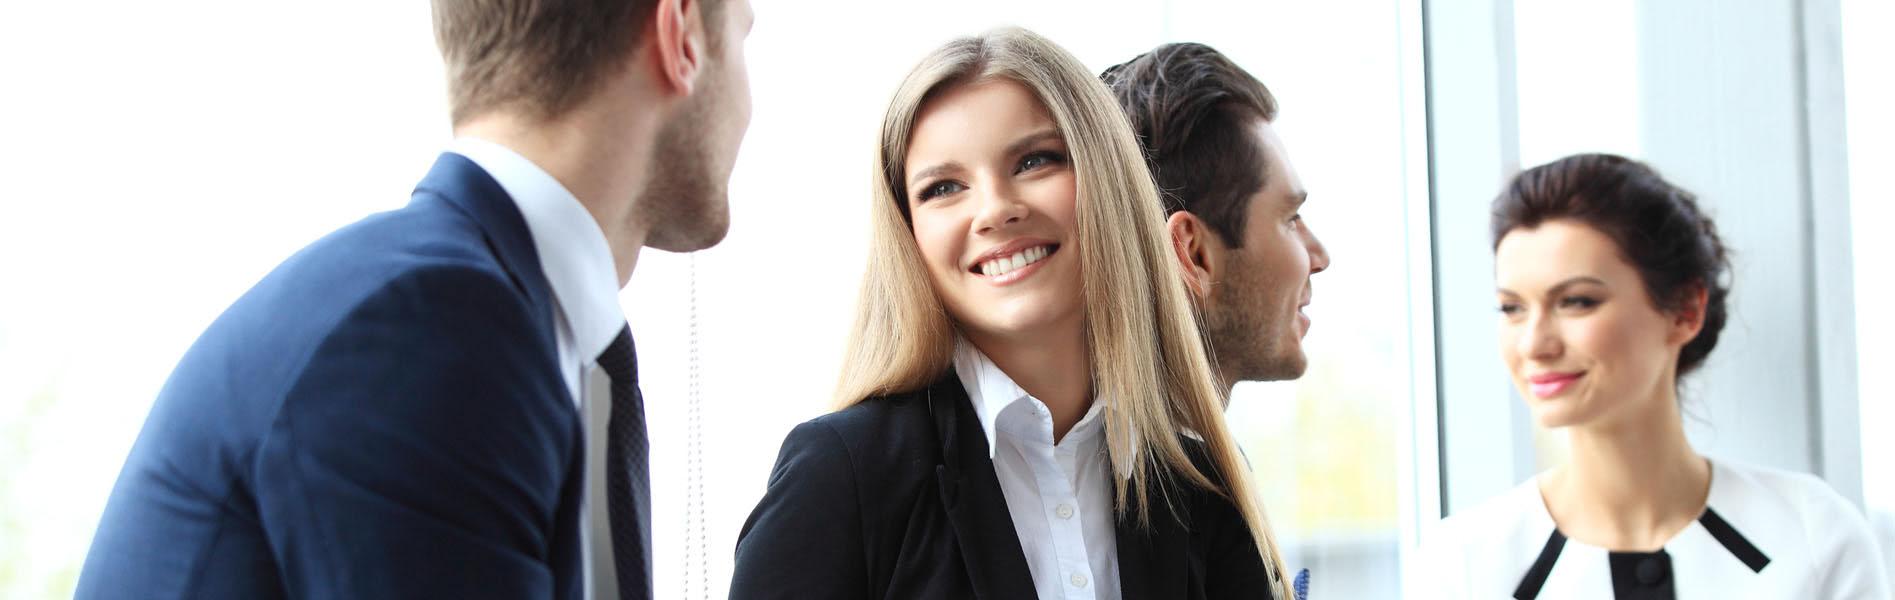 Büroangestellte im Meeting - Business Catering München-Lieferservice München-Business Lunch München-Unikorn Catreing München